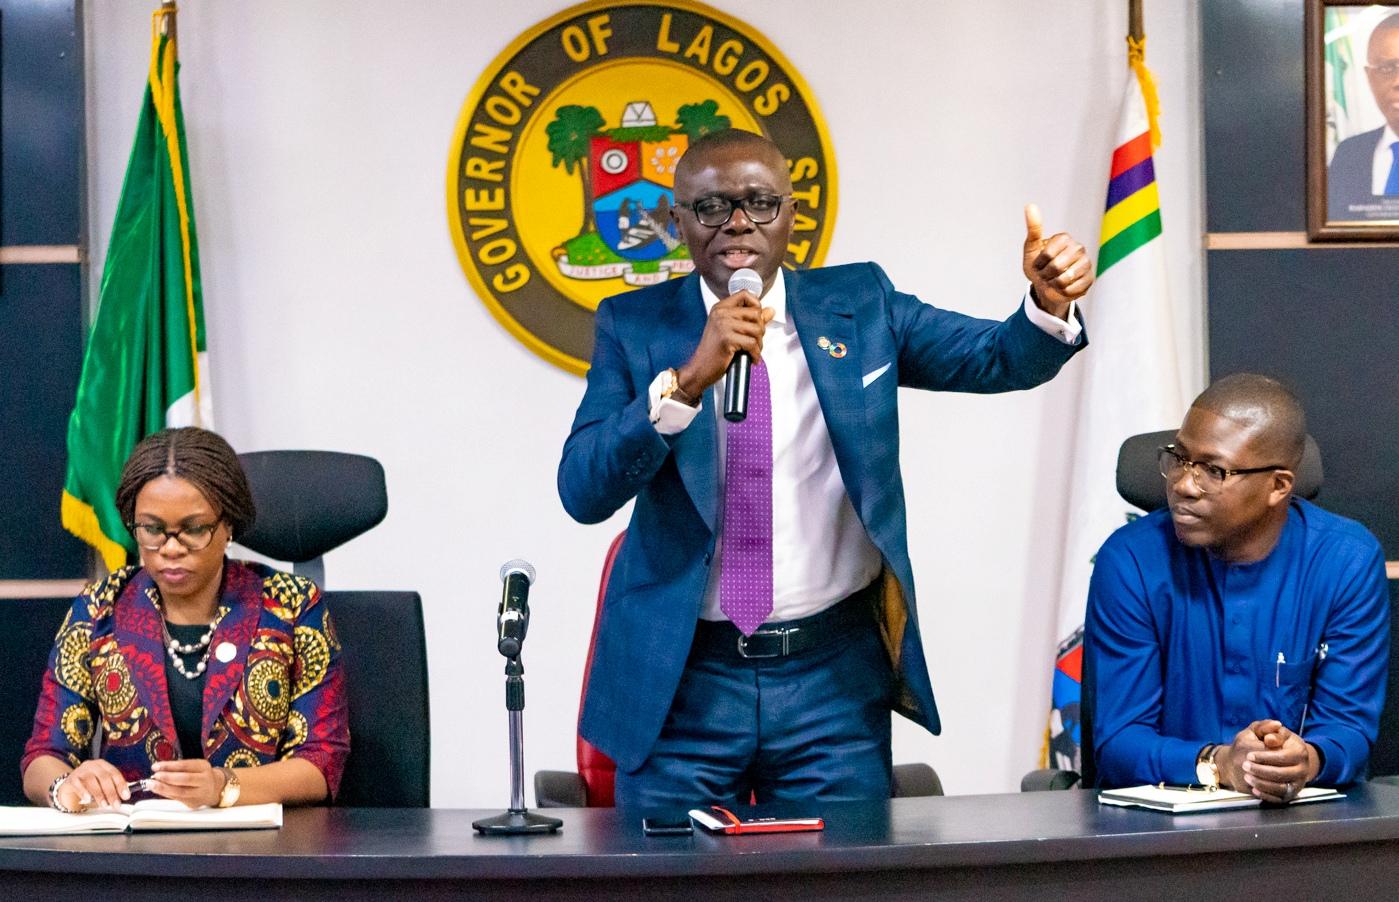 Lagos Set To Pay Above N30,000 Minimum Wage